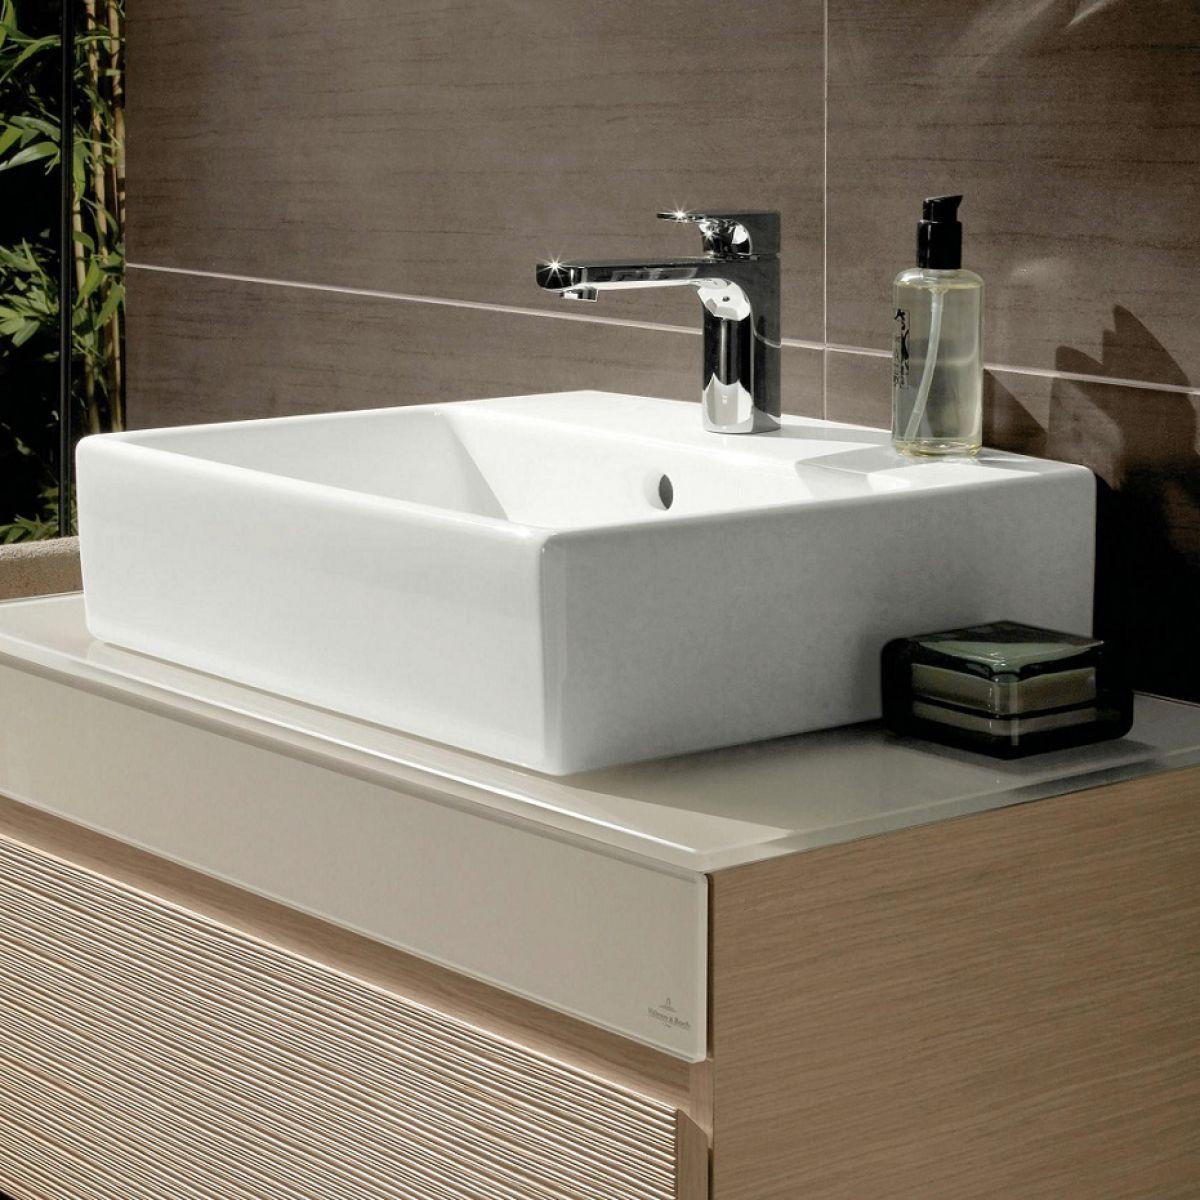 v b memento 500mm surface mounted furniture washbasin. Black Bedroom Furniture Sets. Home Design Ideas